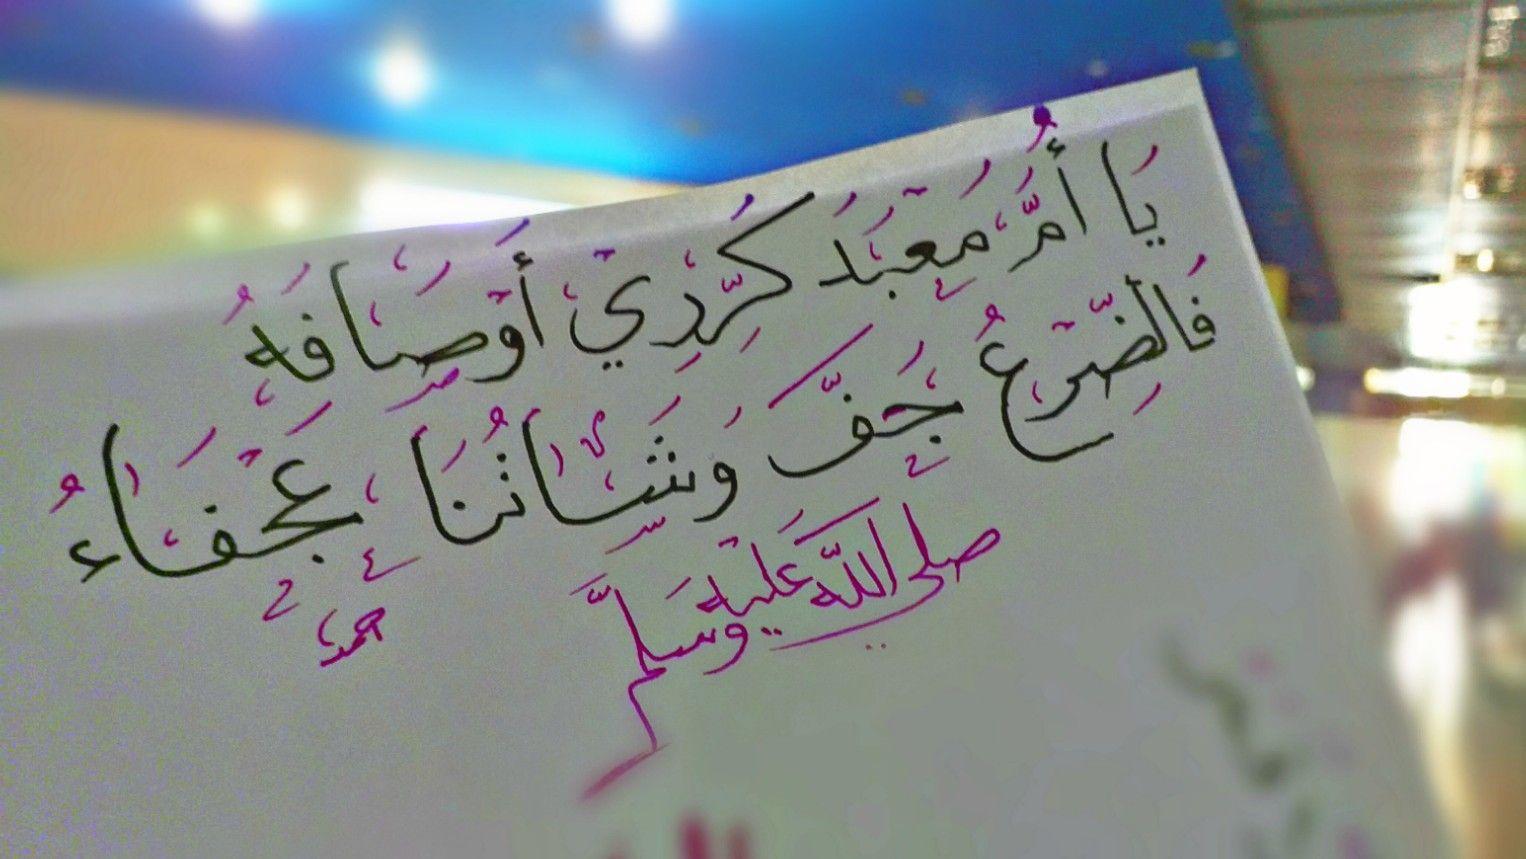 يا أم معبد كرري أوصافه فالضرع جف وشاتنا عجفاء Arabic Calligraphy Calligraphy